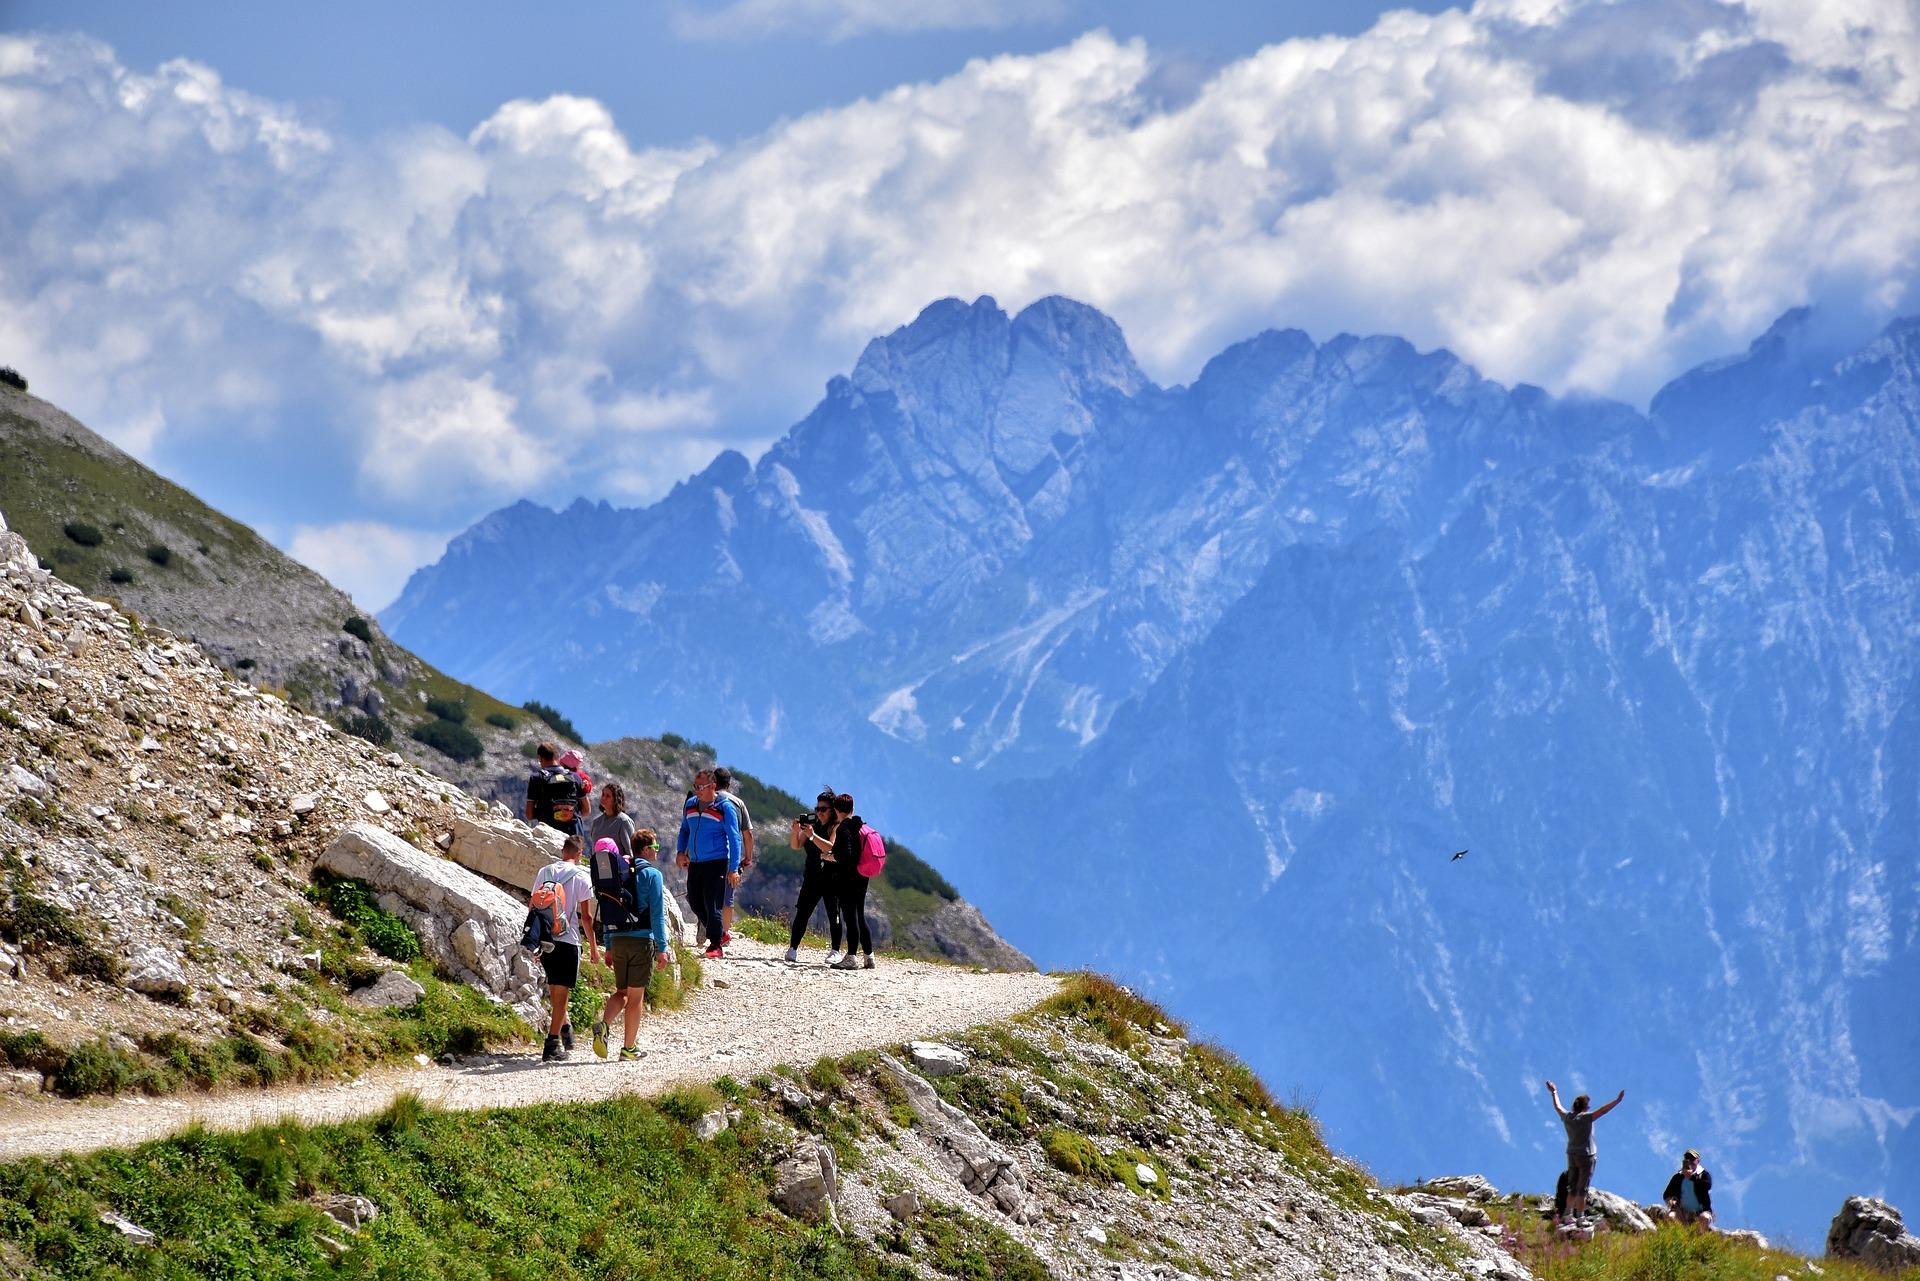 Sentier de randonnée à la montagne au bord d'une falaise